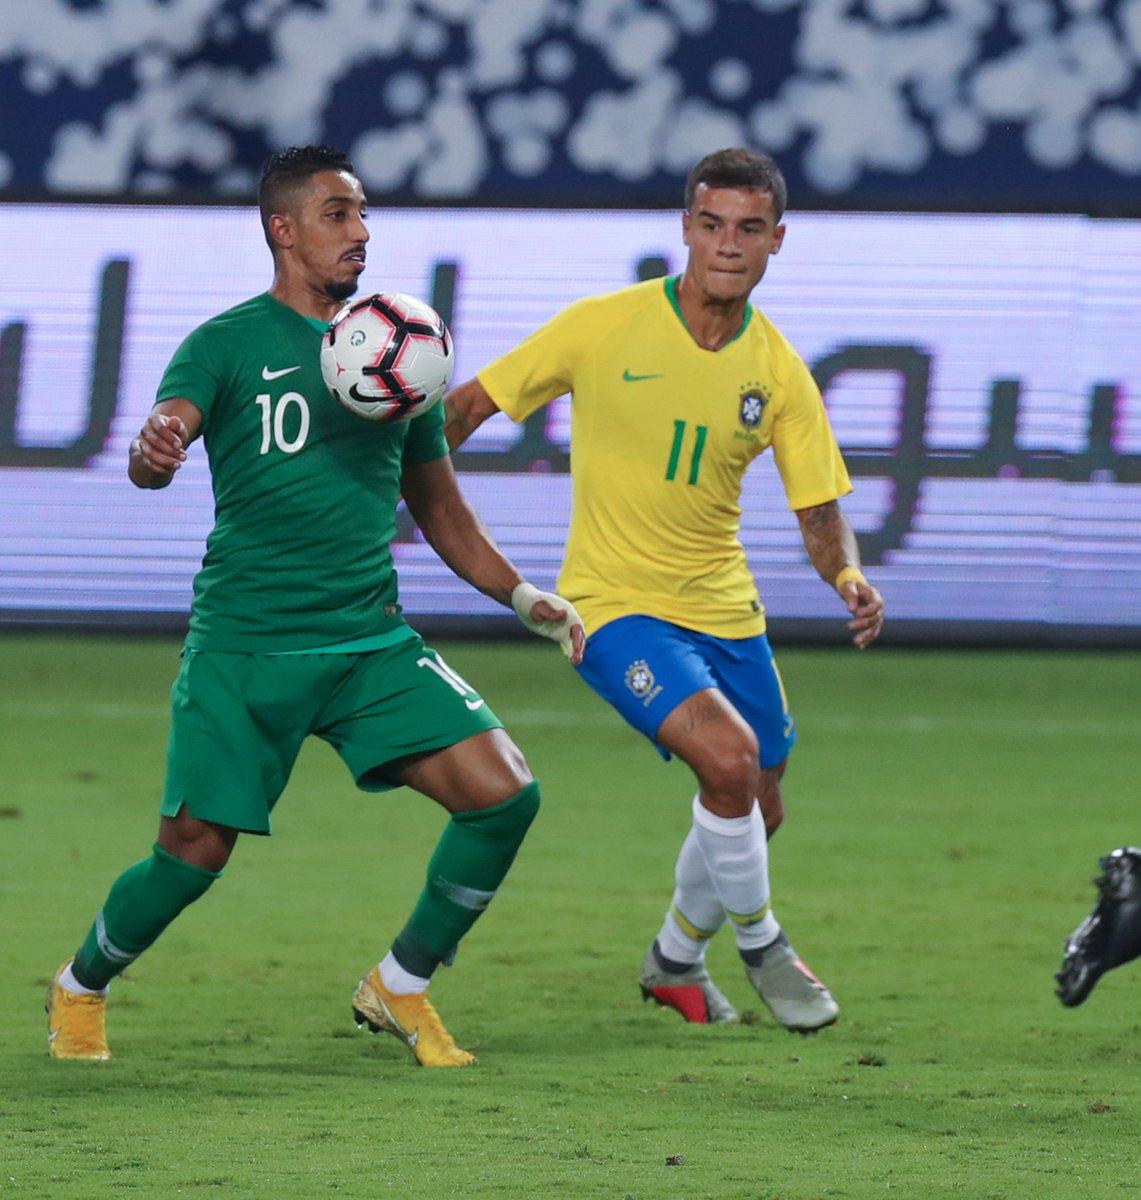 الأخضر في عيون الصحف العالمية: قدم مباراة قوية وأرهق البرازيل